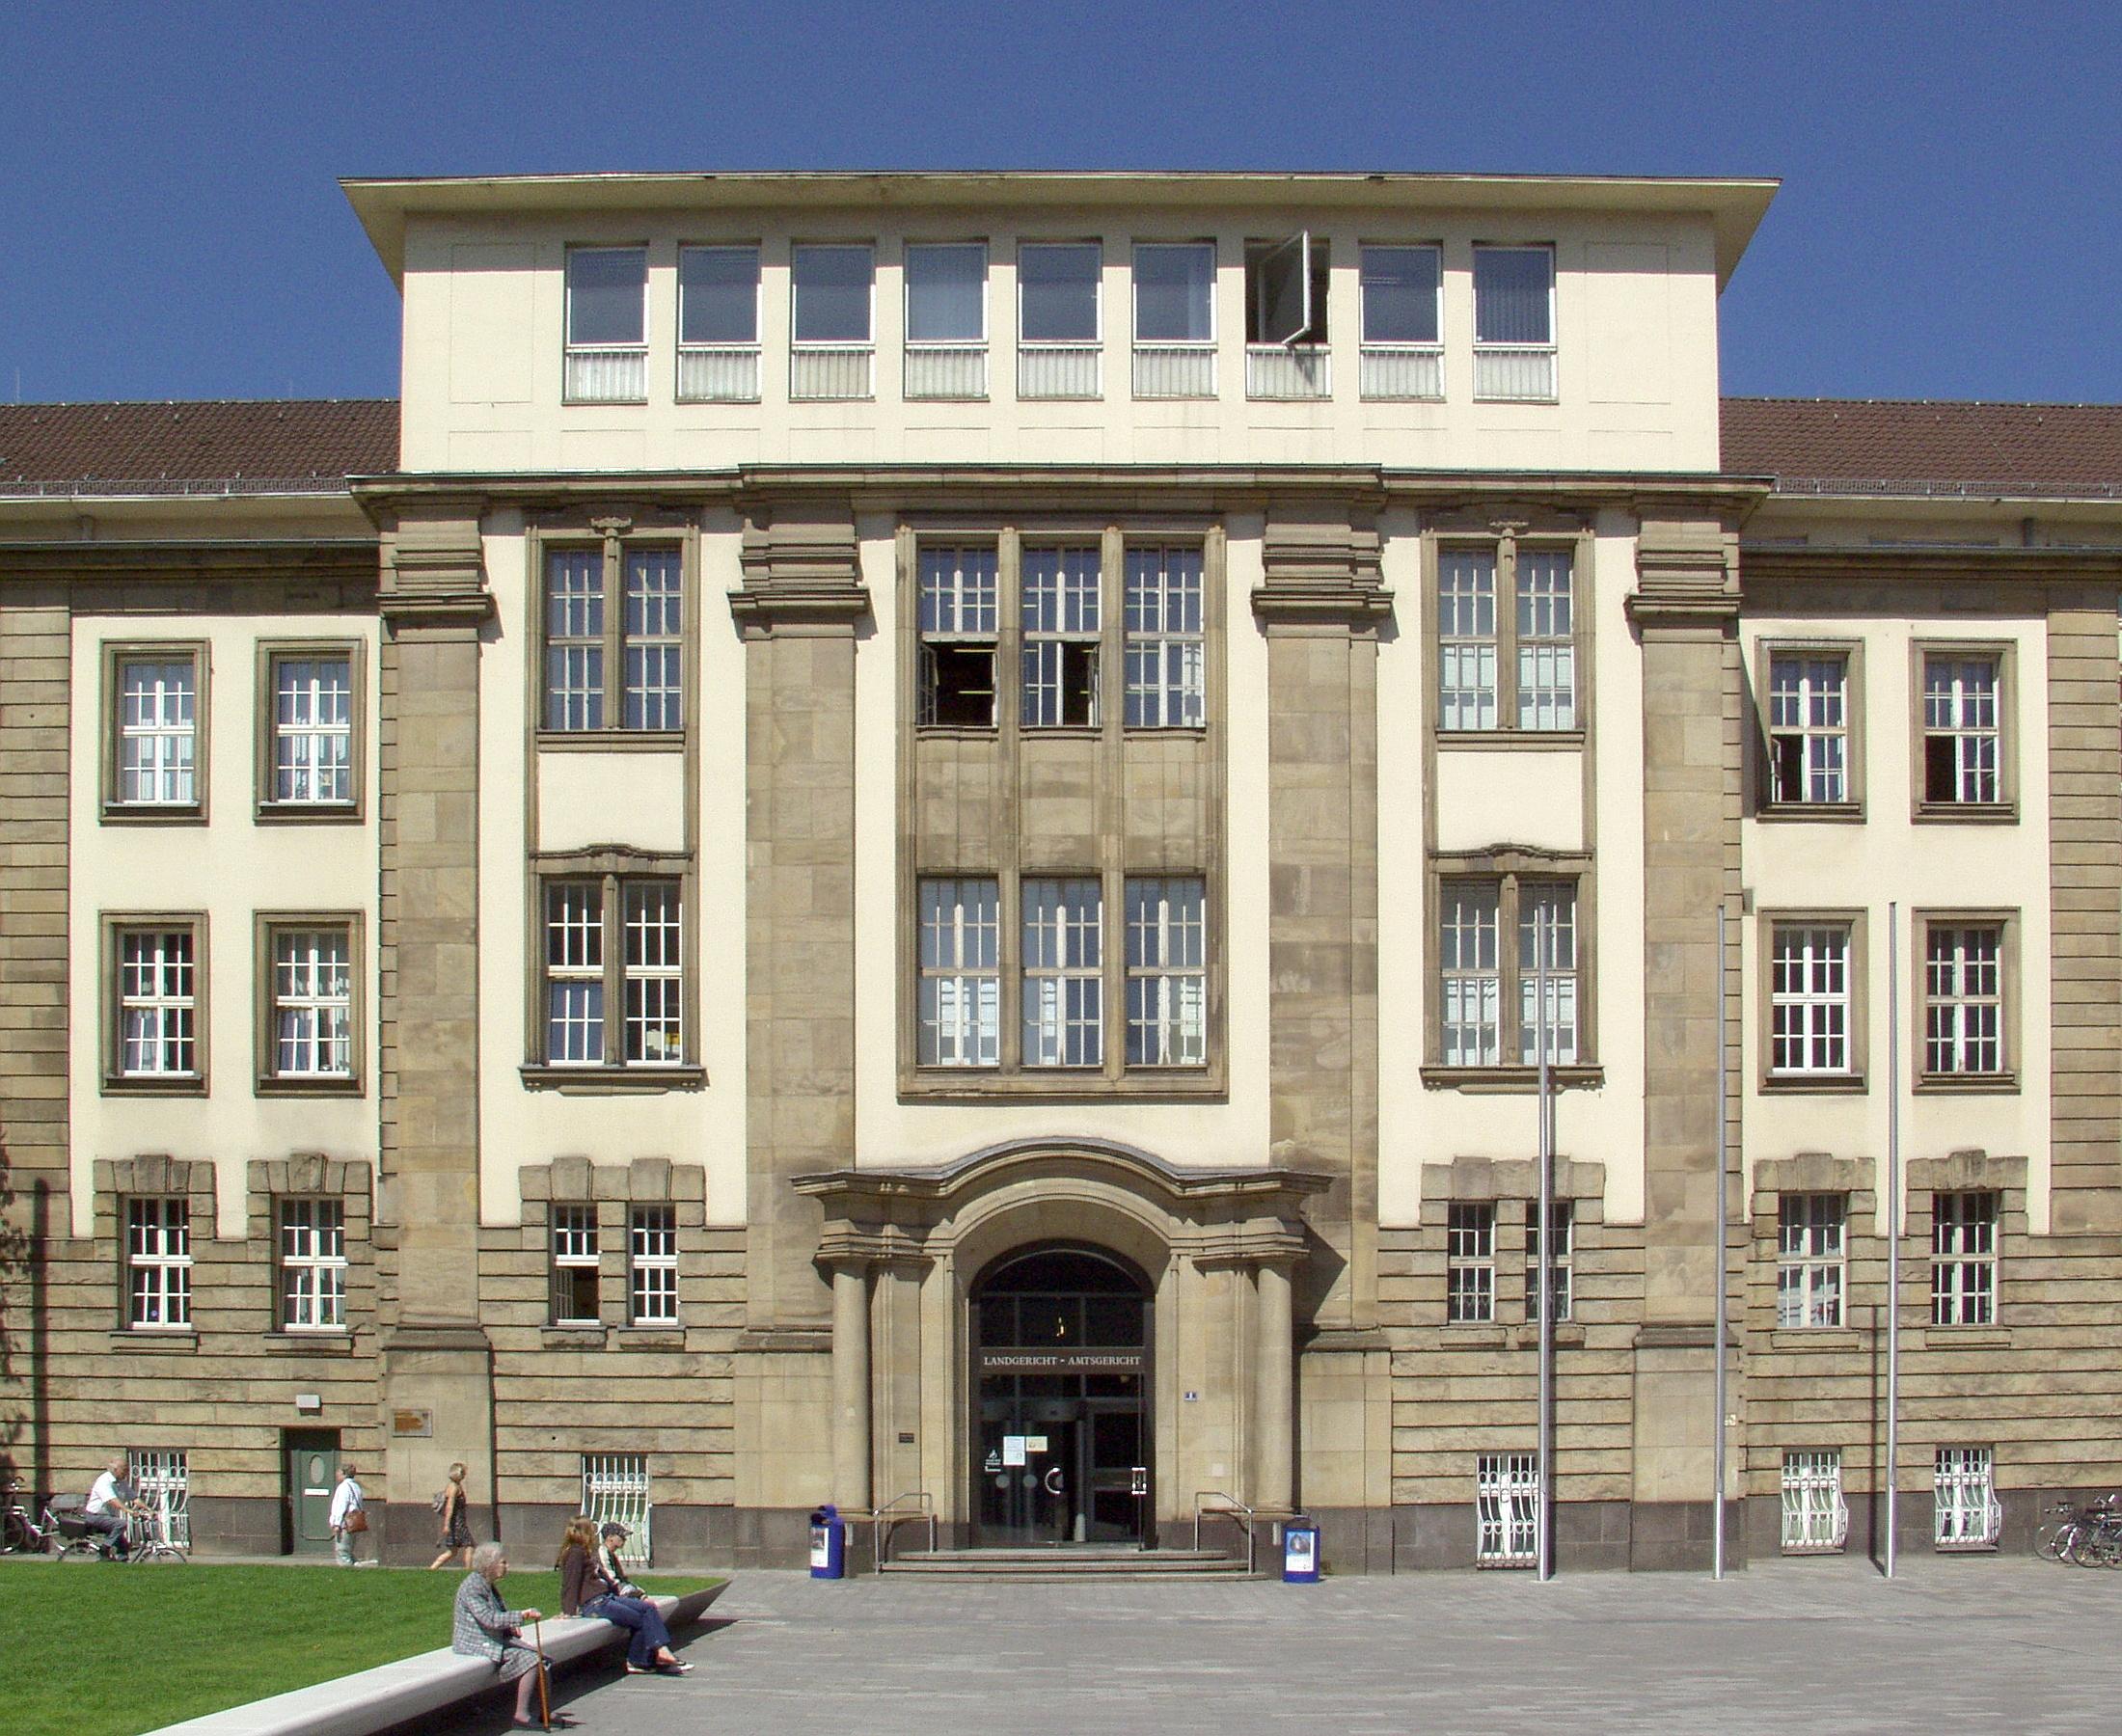 azubi rýchlosť datovania Duisburg Trainspotting Zoznamka aplikácie